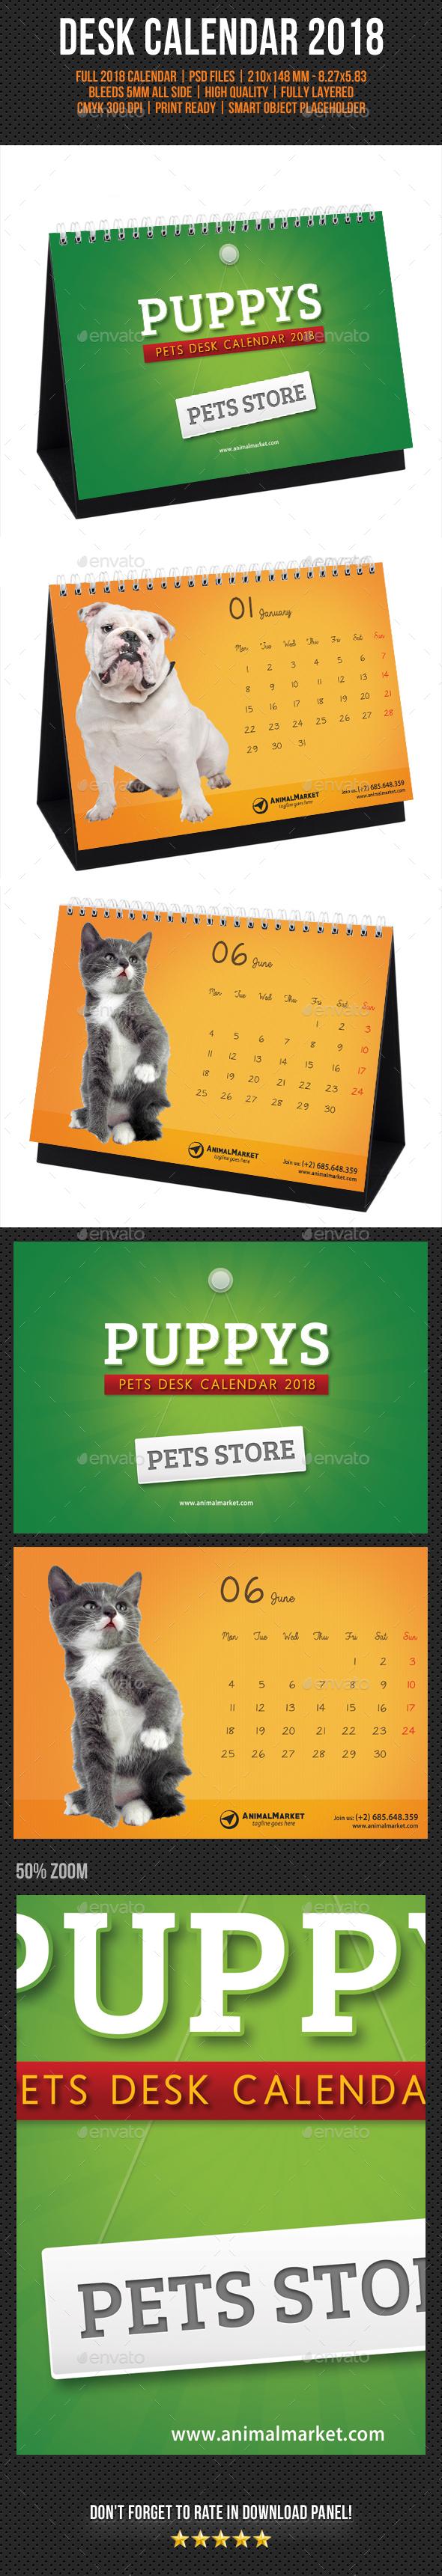 Pet Shop Desk Calendar 2018 - Calendars Stationery